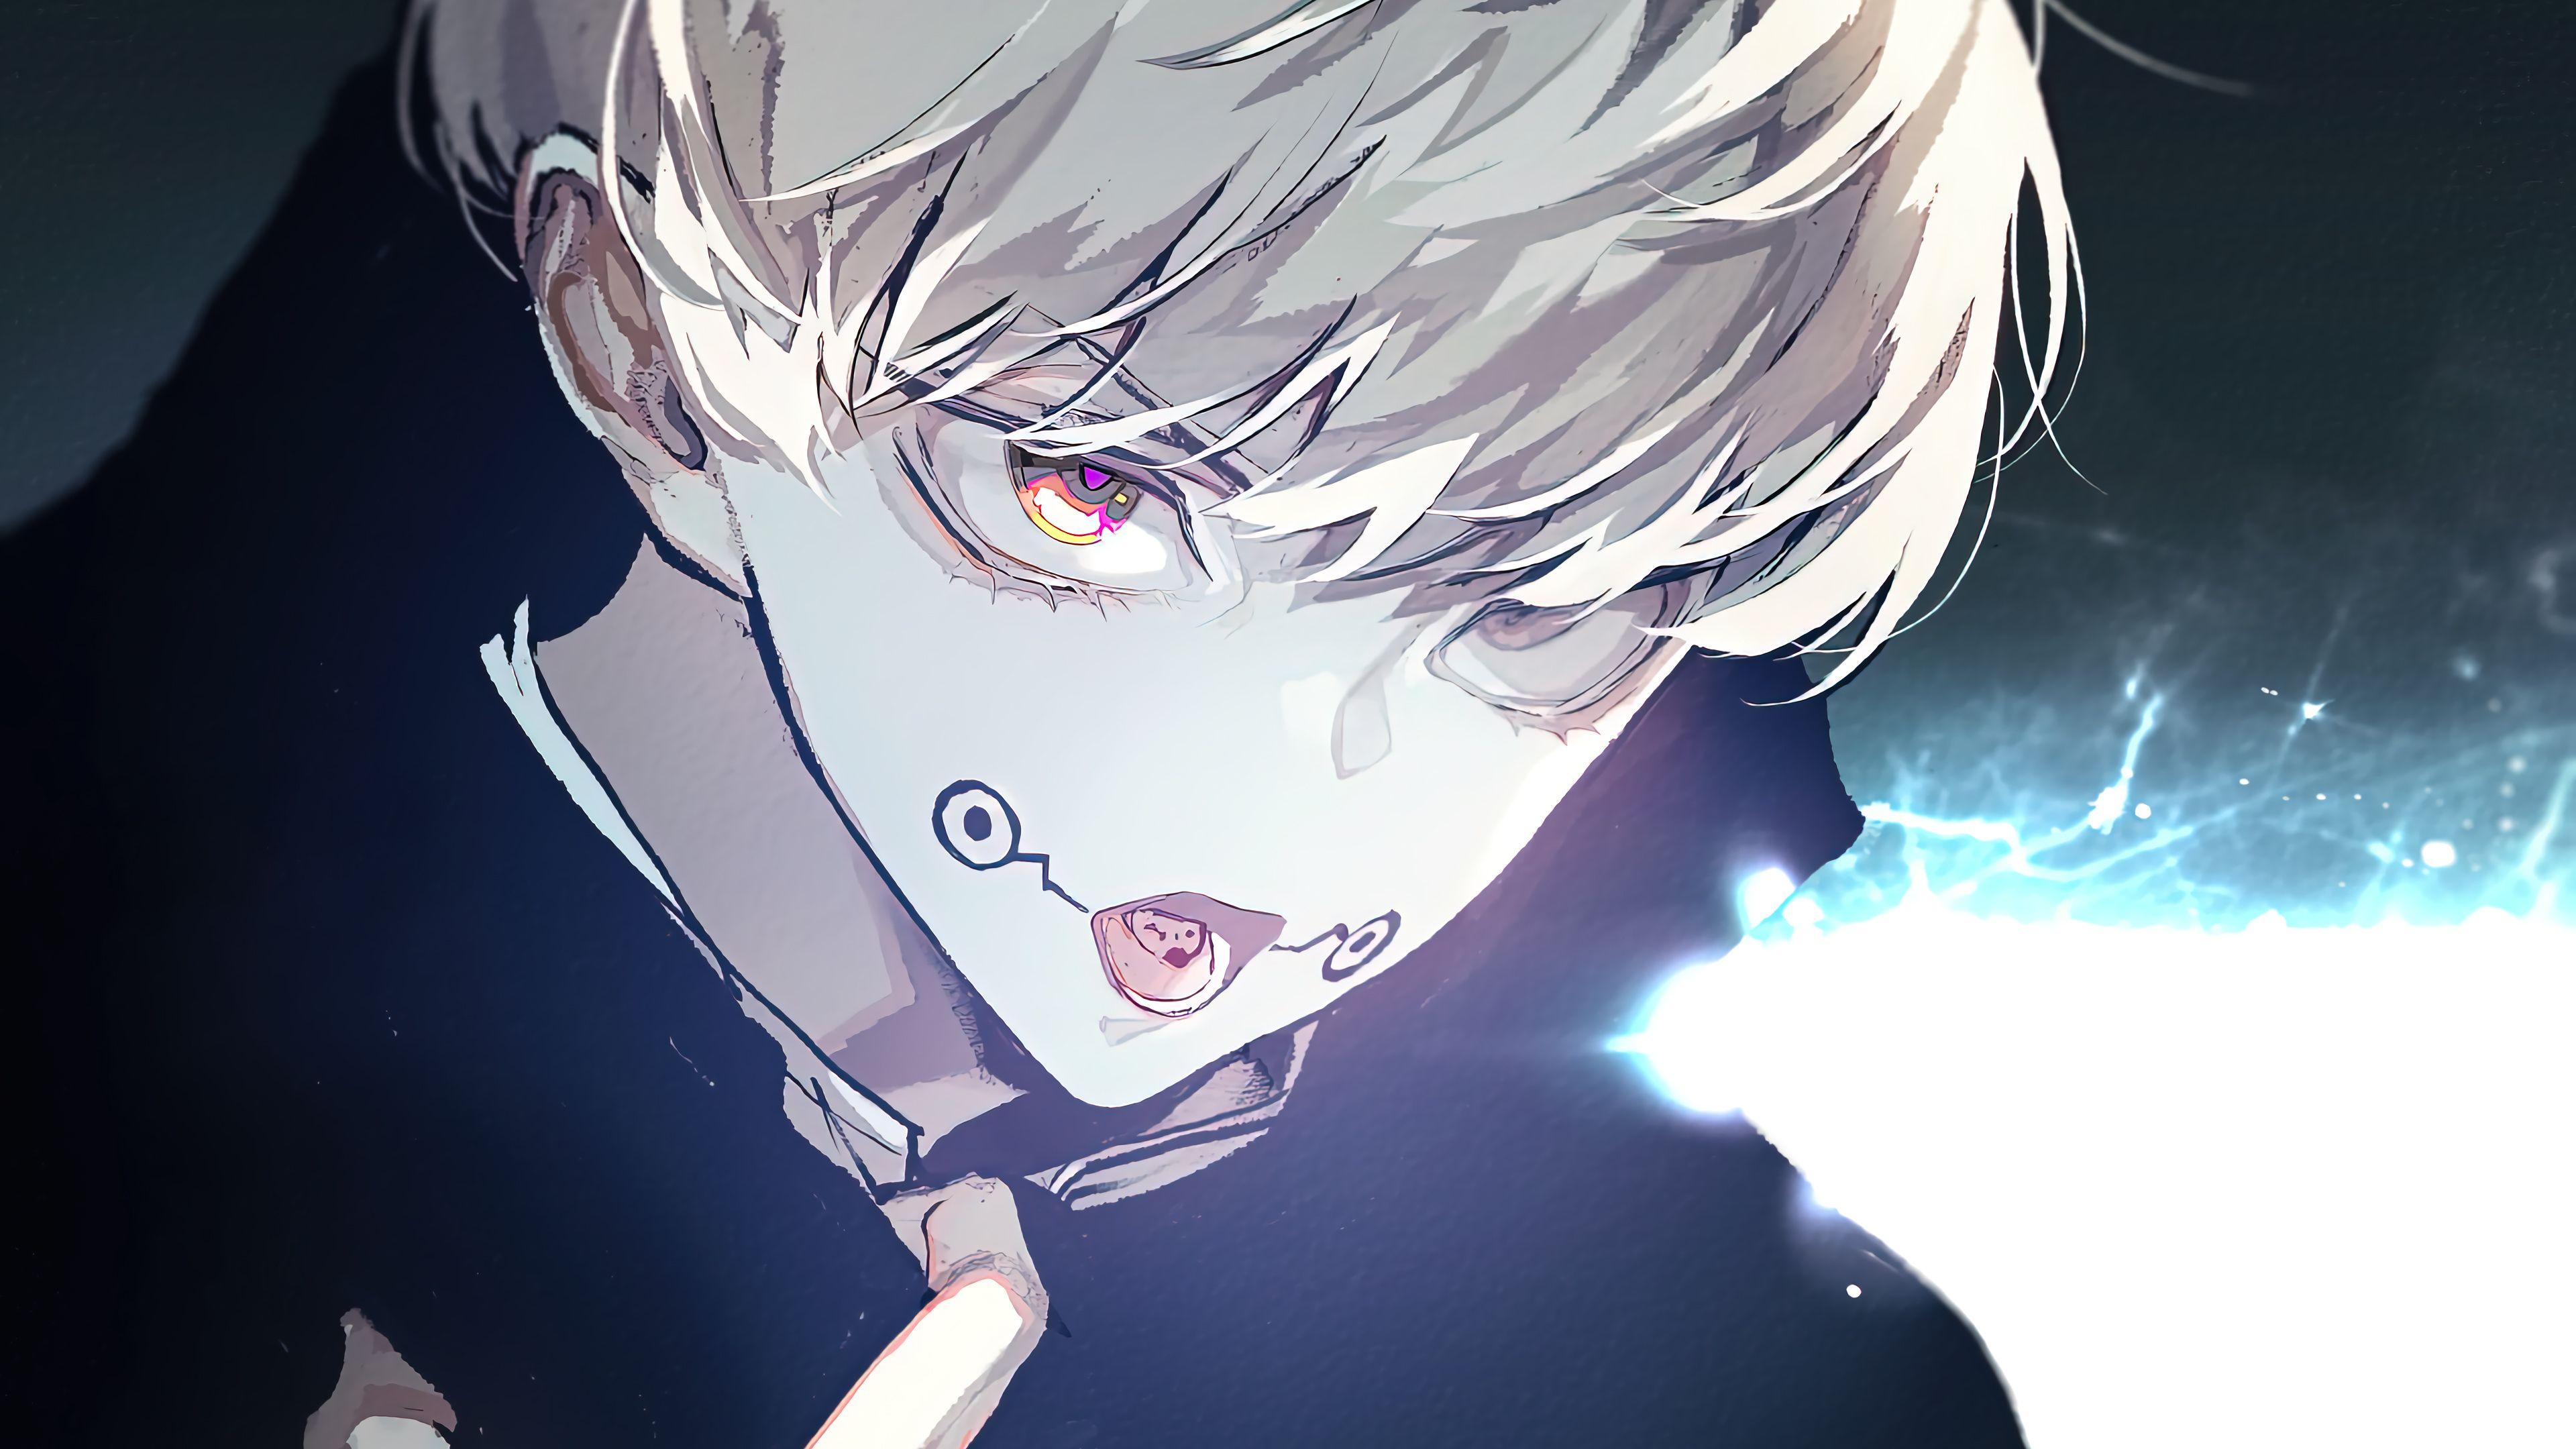 Jujutsu Kaisen Satoru Gojo By Hotaruika Niji Jujutsu Wallpaper Pc Anime Anime